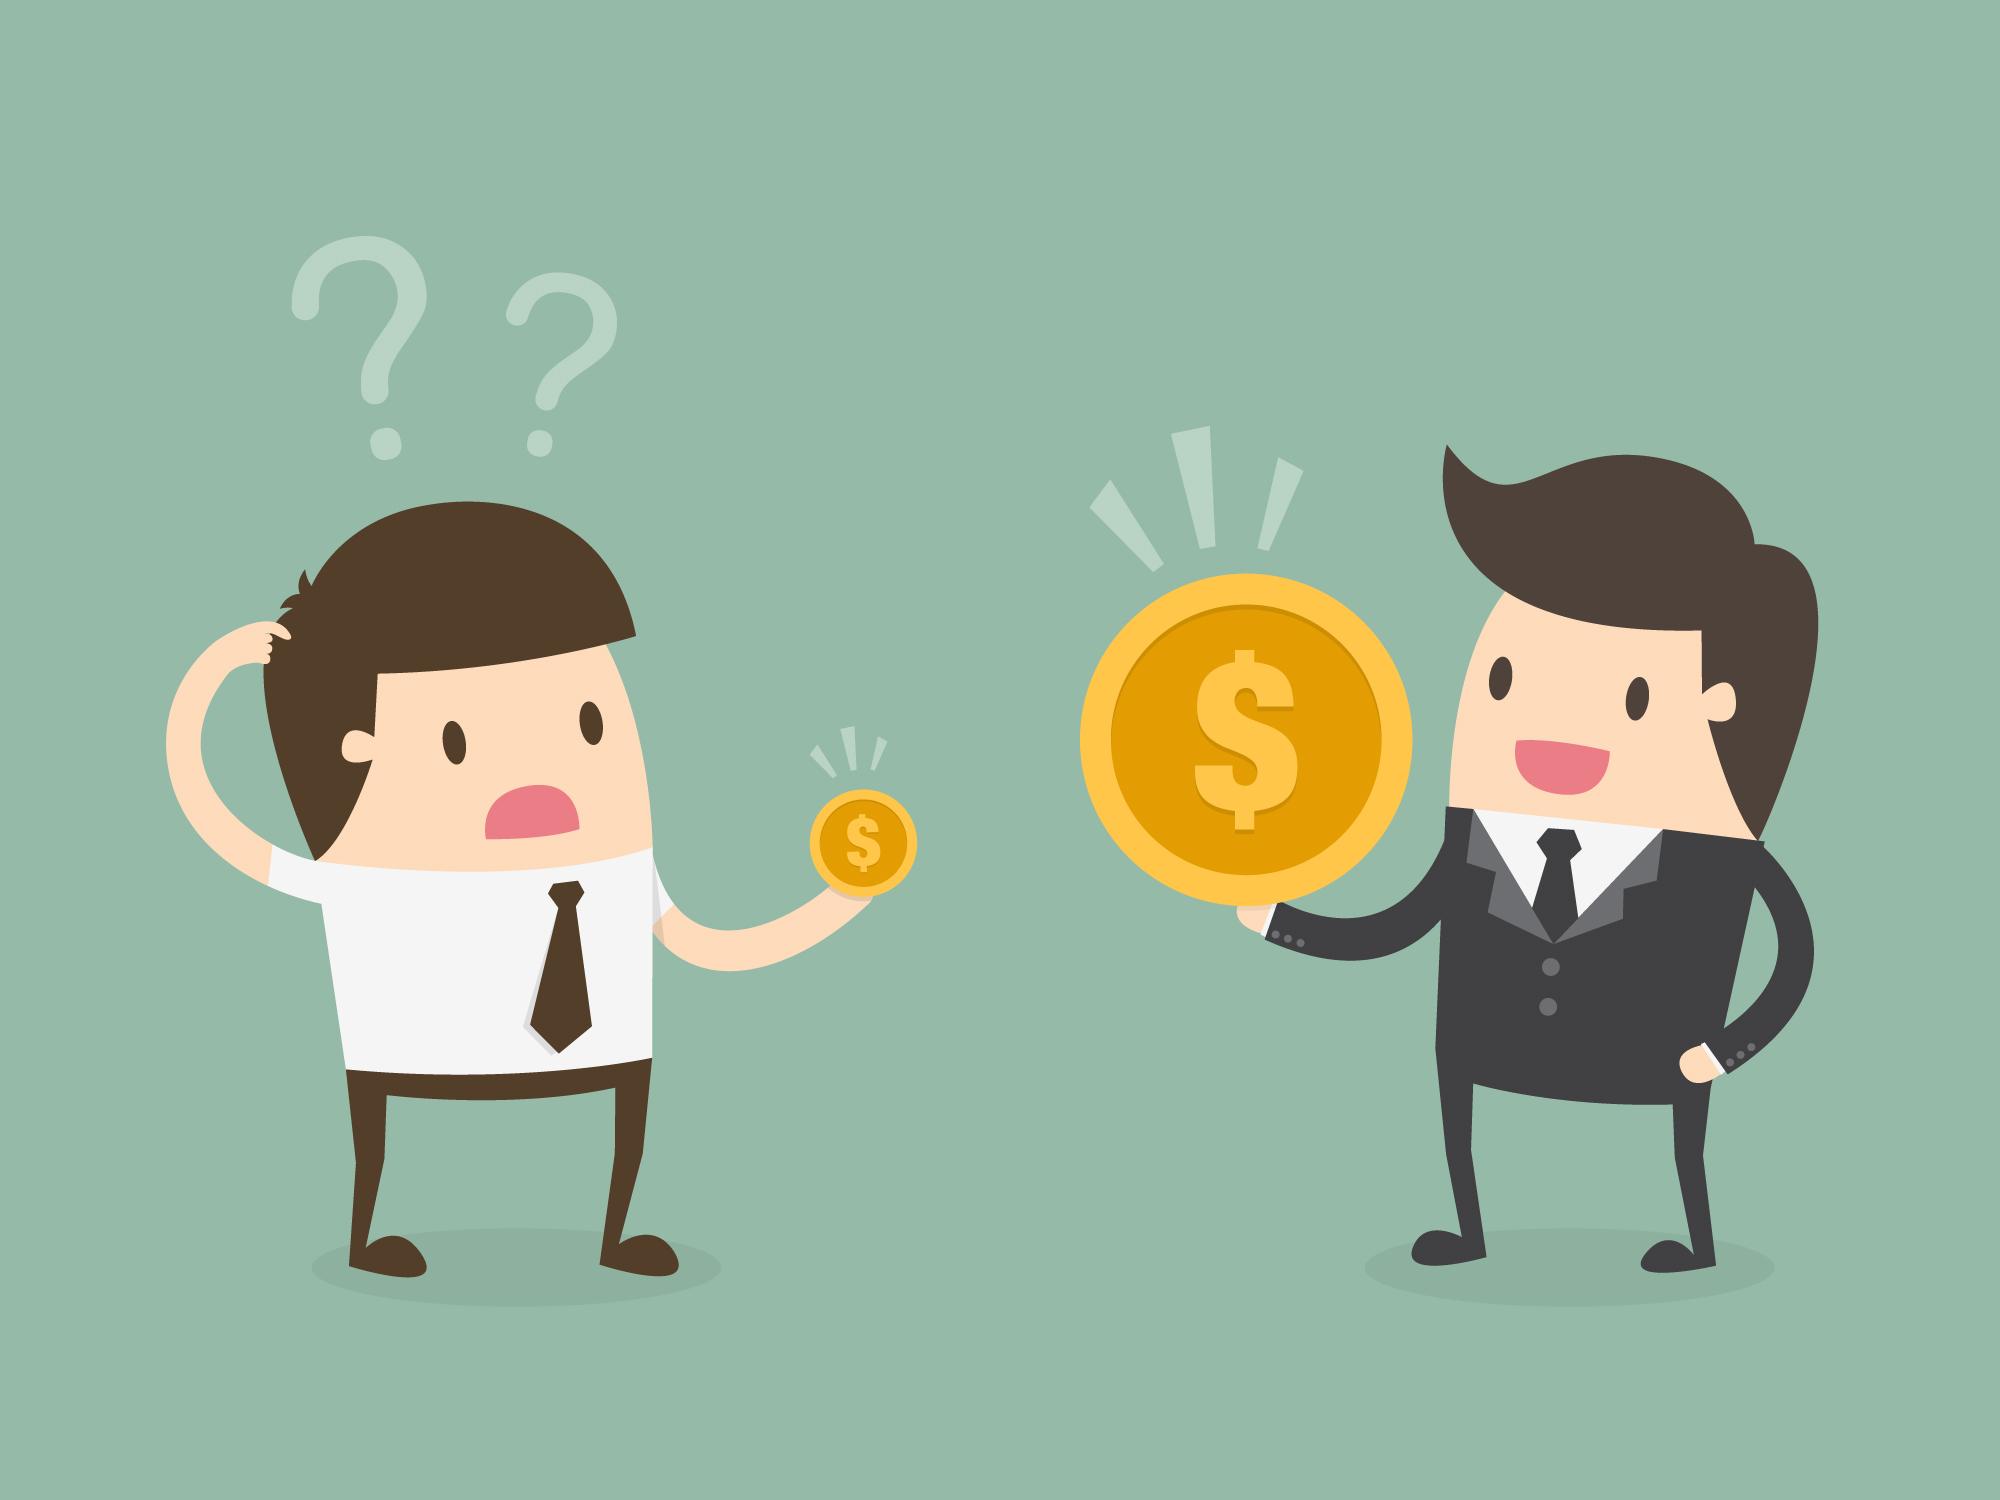 Sueldo neto y sueldo bruto: ¿Conocés sus diferencias?